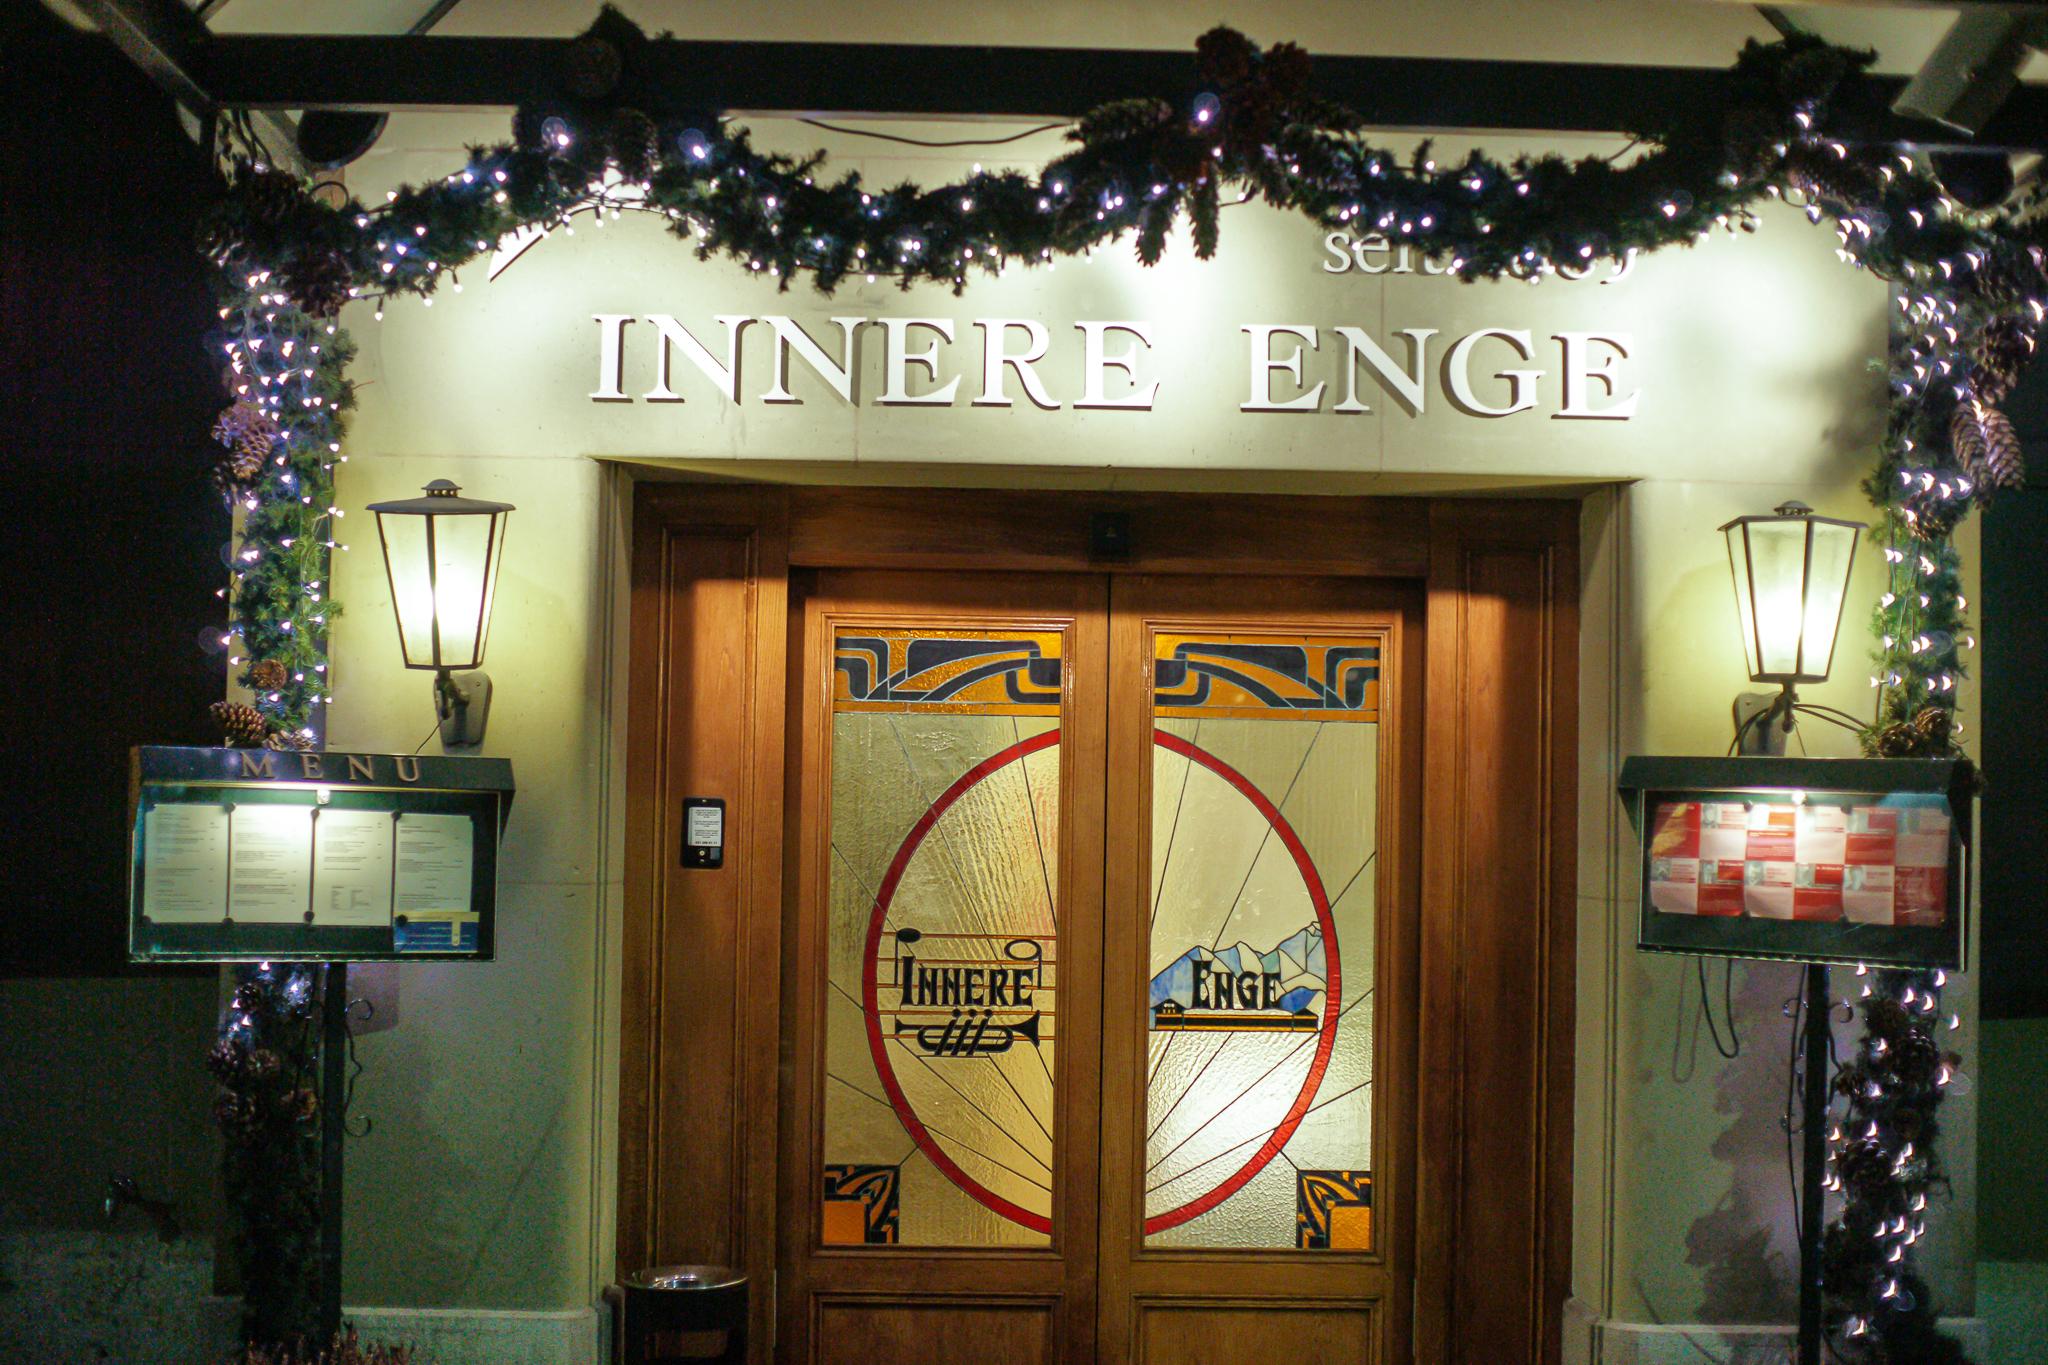 Restaurant Innere Enge